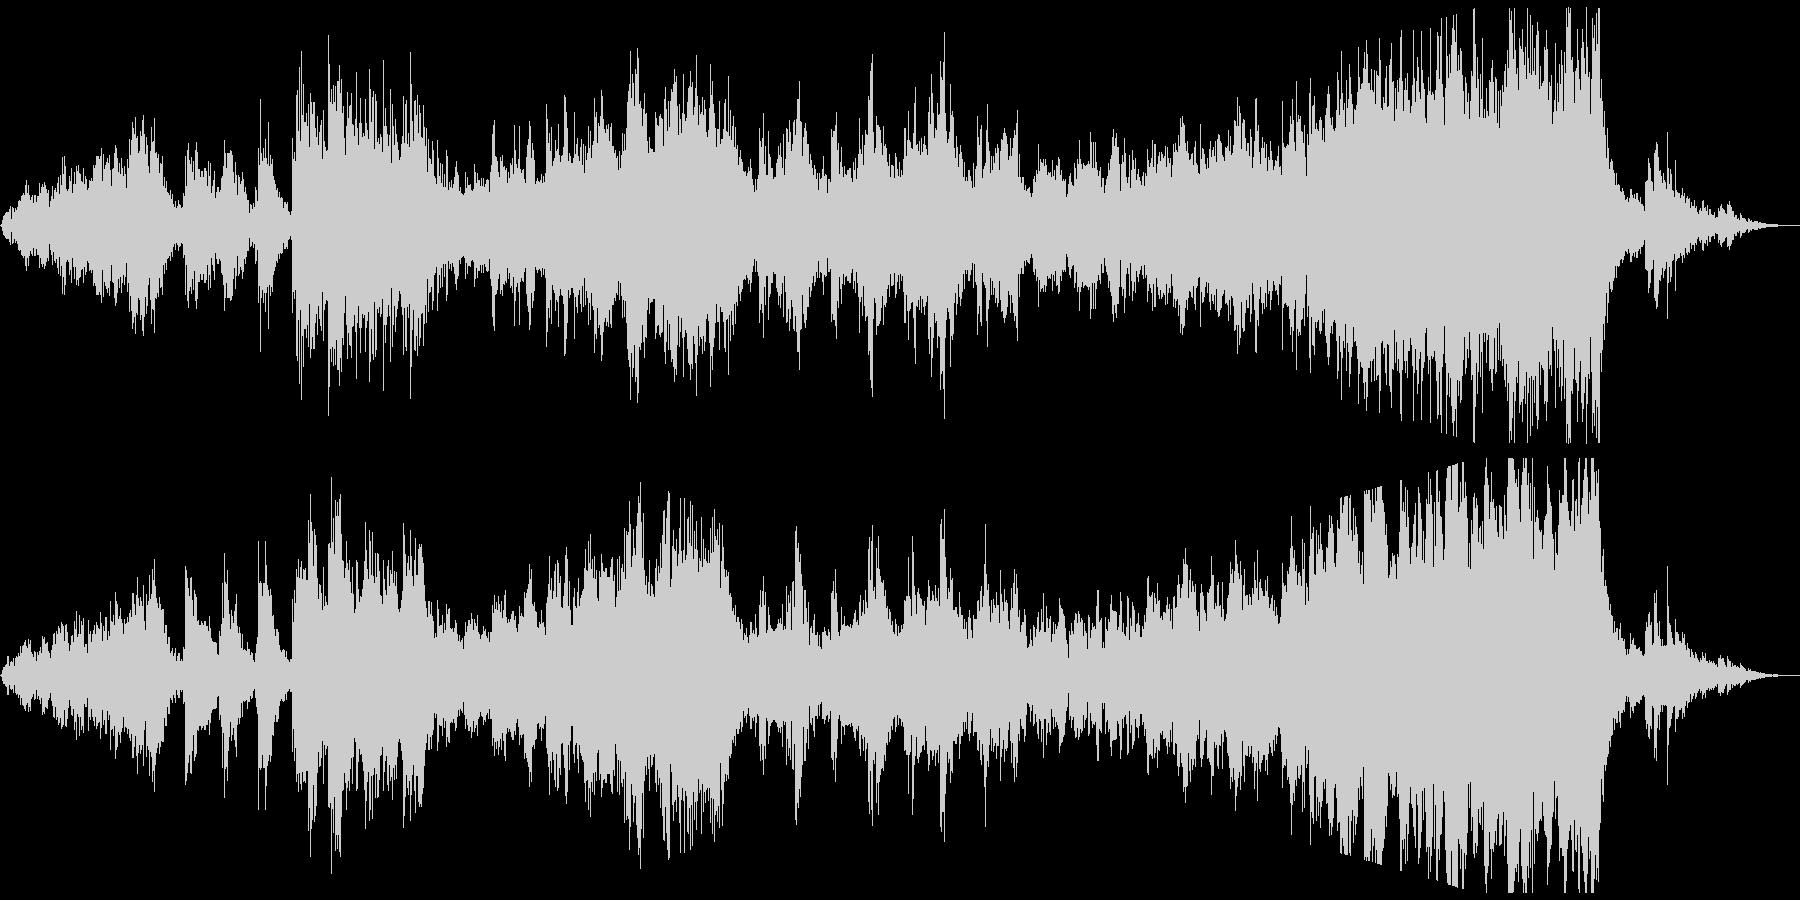 情緒的で切ないリズミックなアンビエント曲の未再生の波形